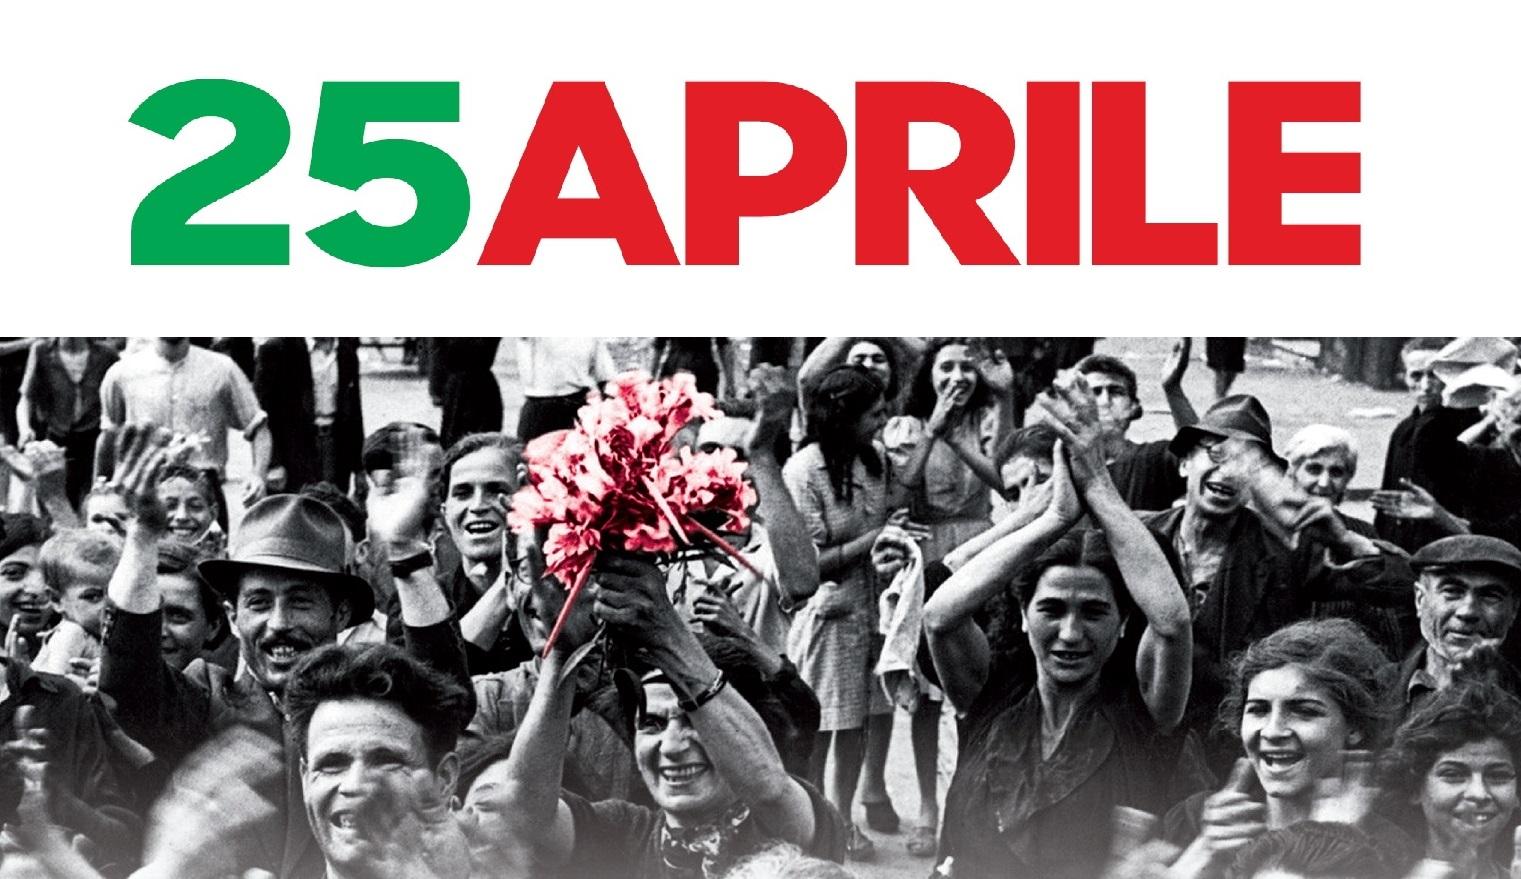 25 aprile: festa di libertà